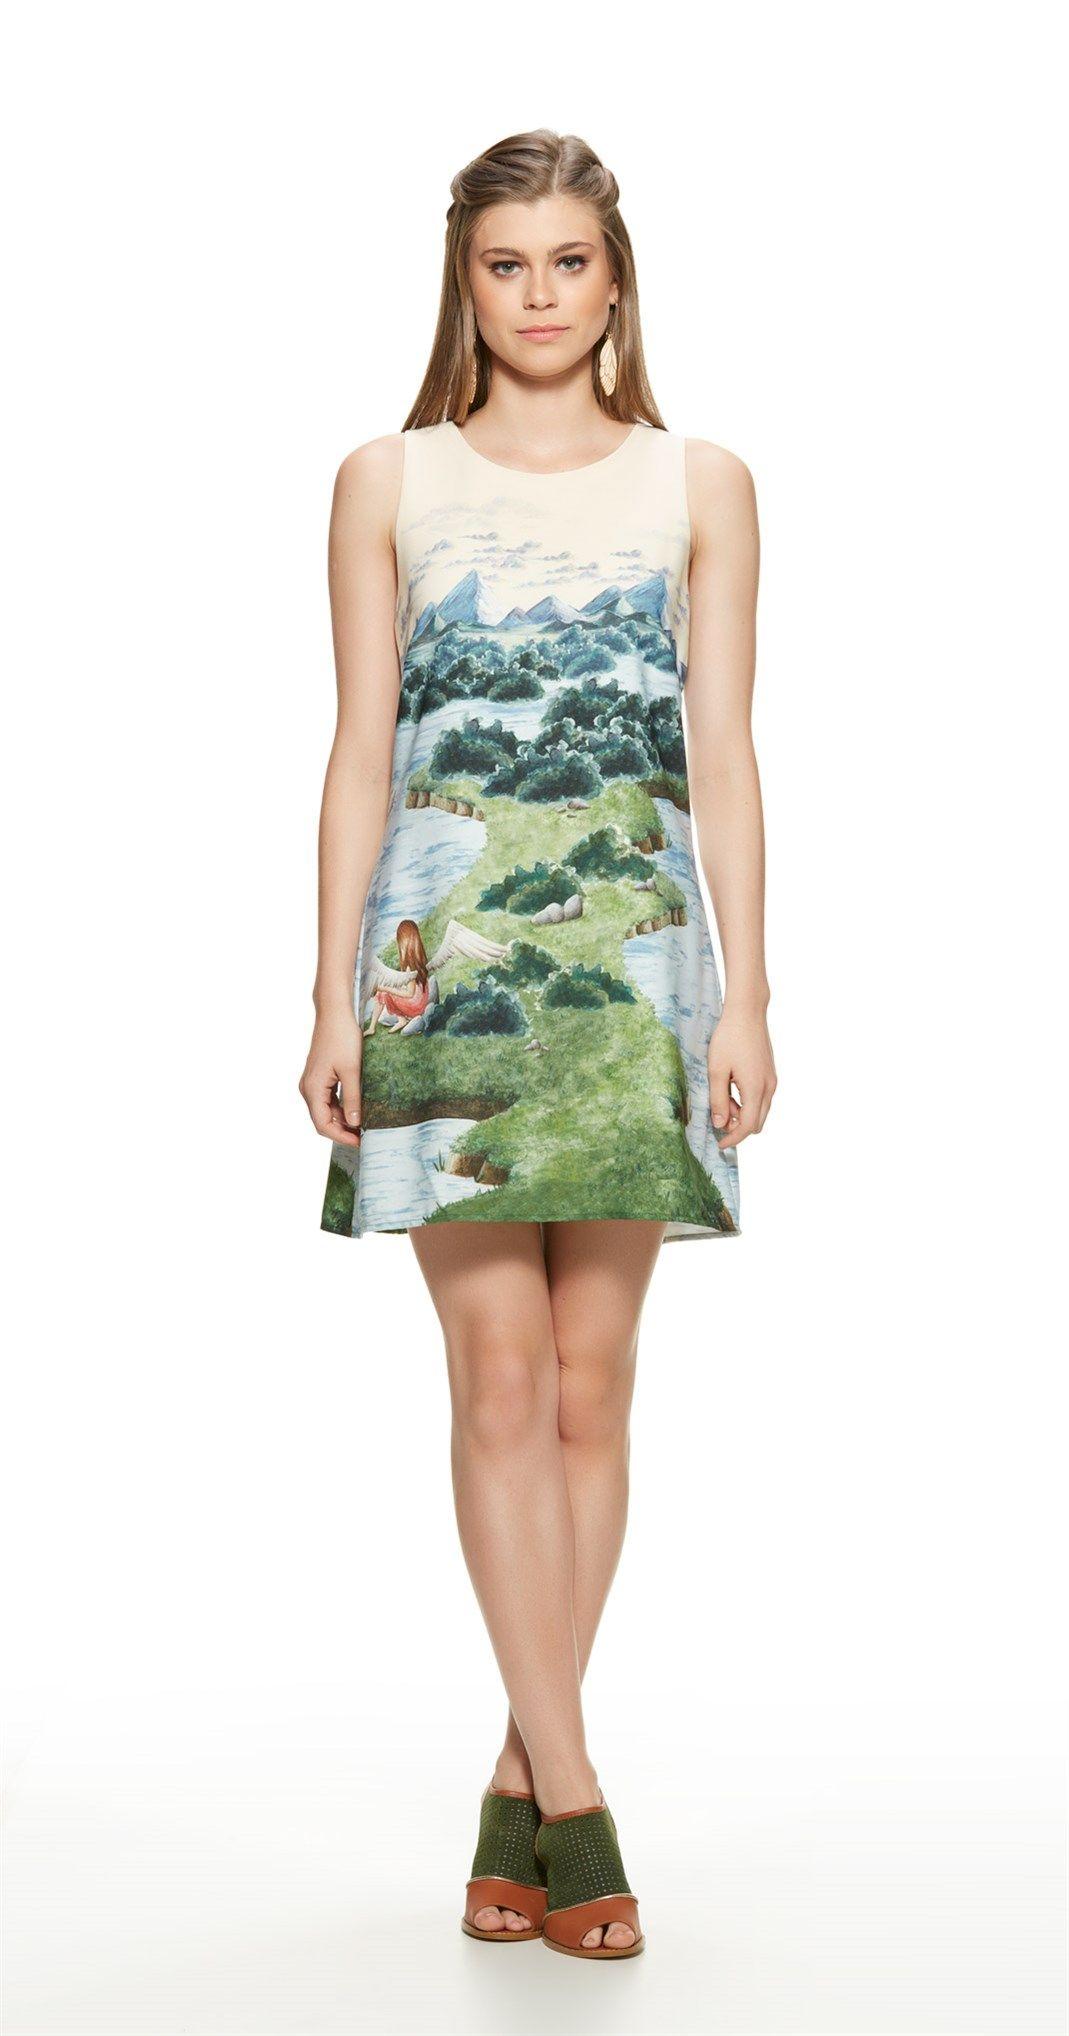 Só na Antix Store você encontra Vestido Menina Cisne com exclusividade na internet